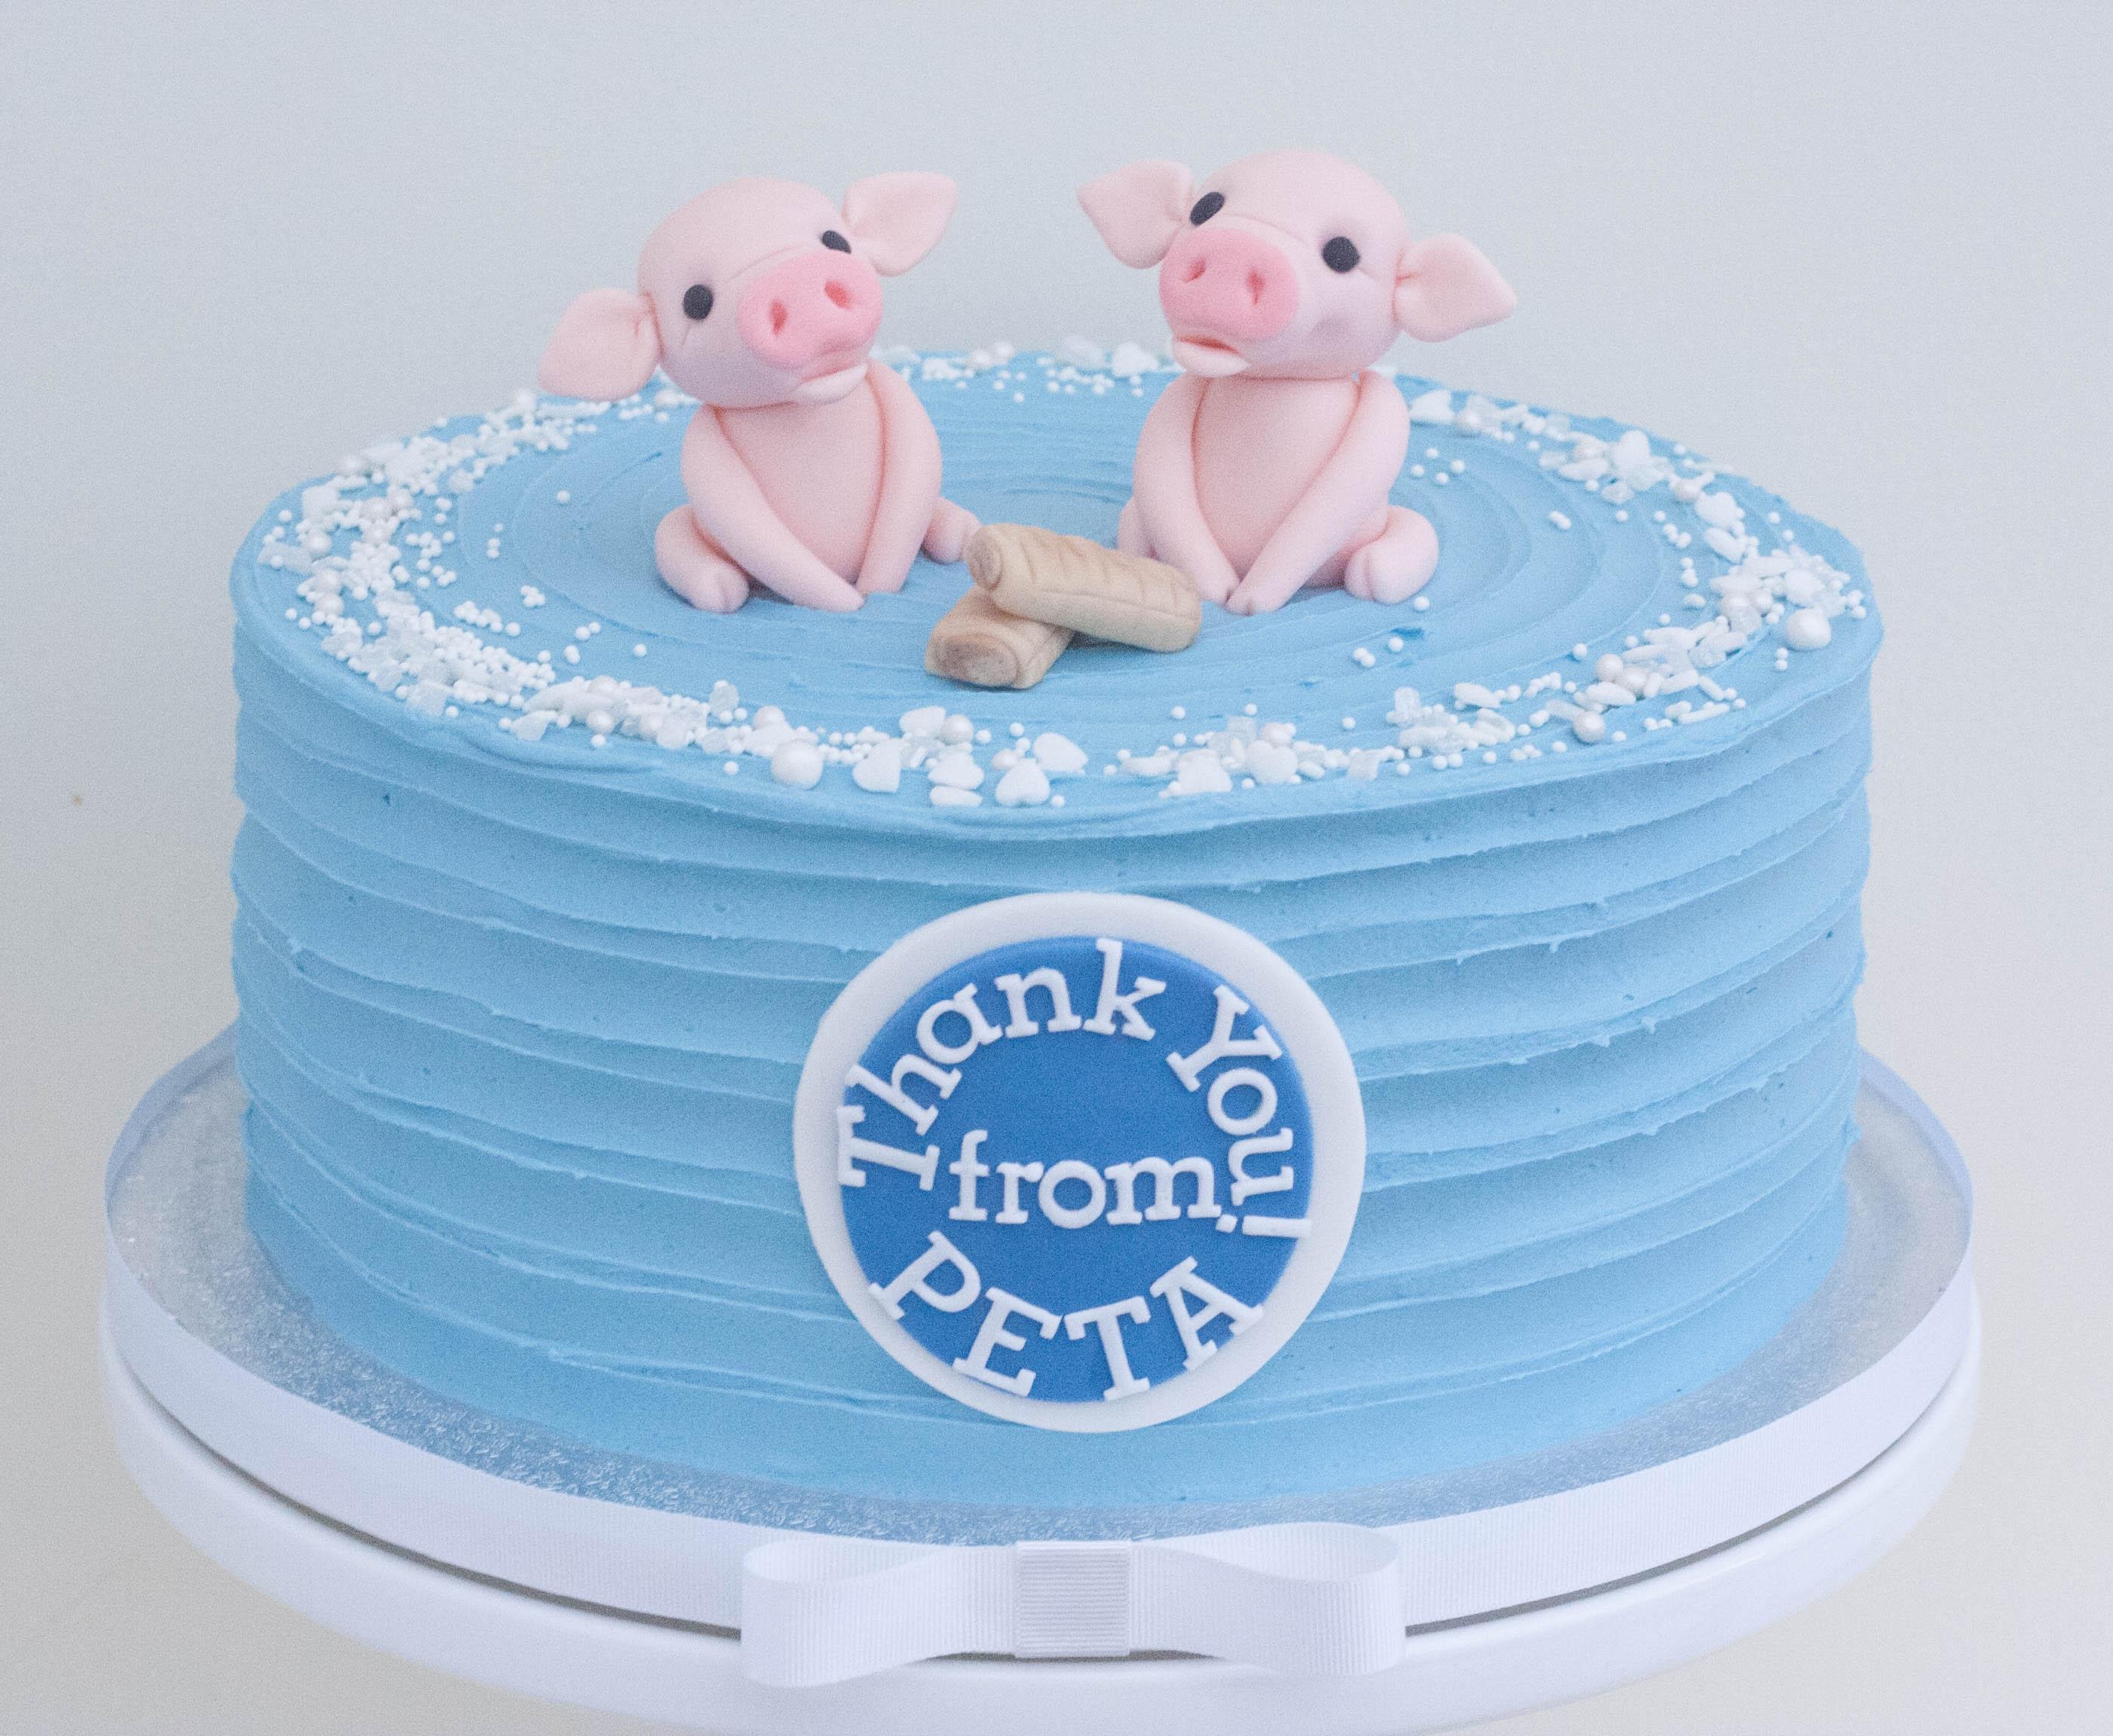 Greggs PETA vegan chocolate cake sugar p